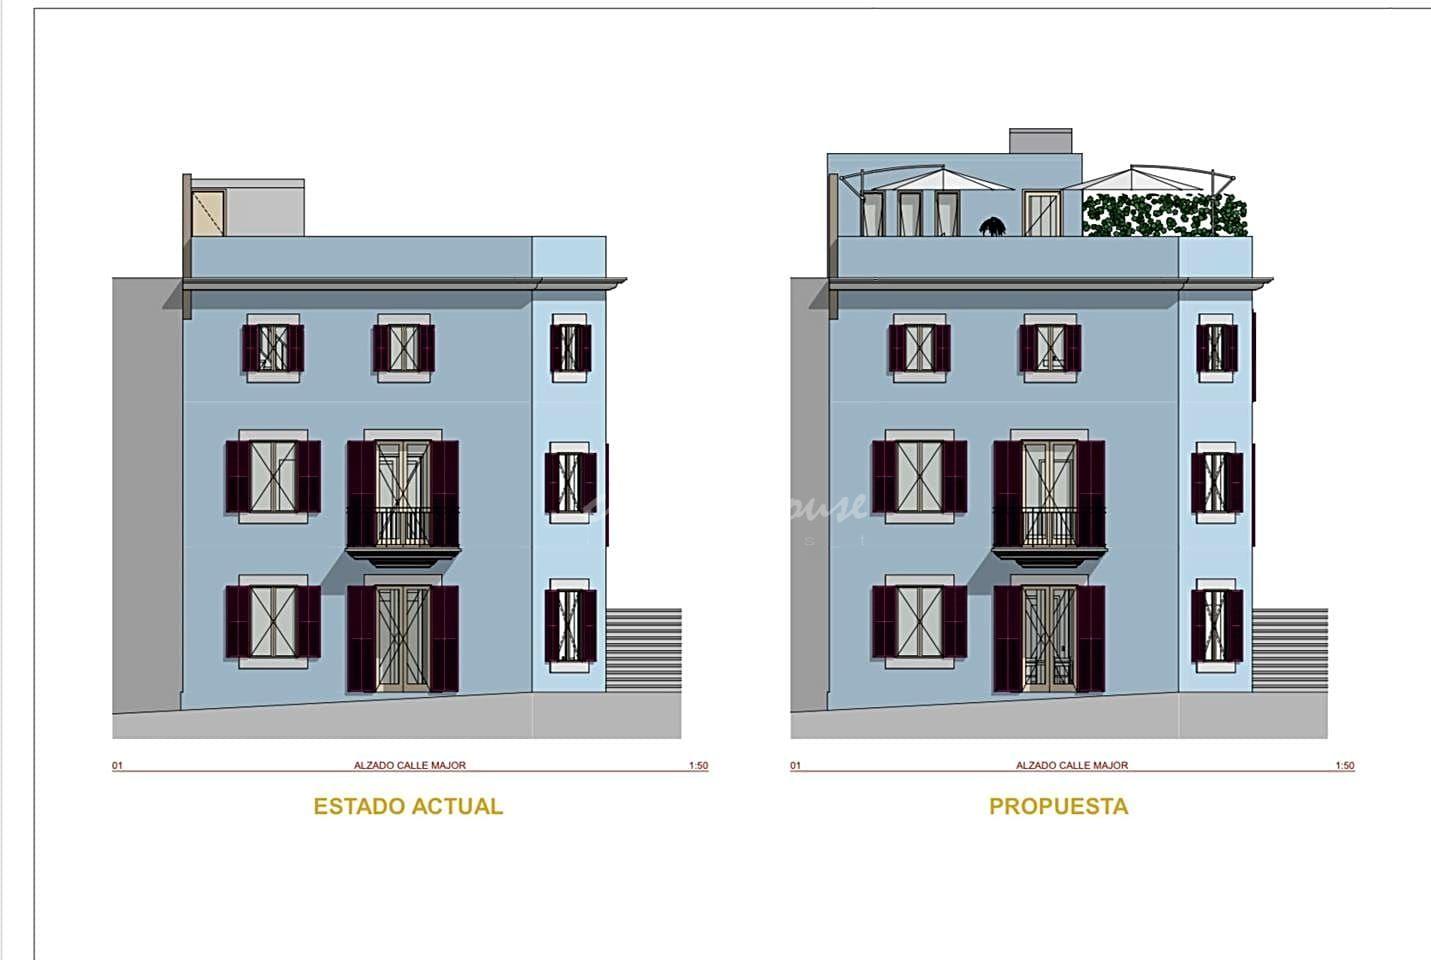 Gebäude  Calle carrer major. Se vende. hostal situado en el casco antiguo de felanitx, rodead